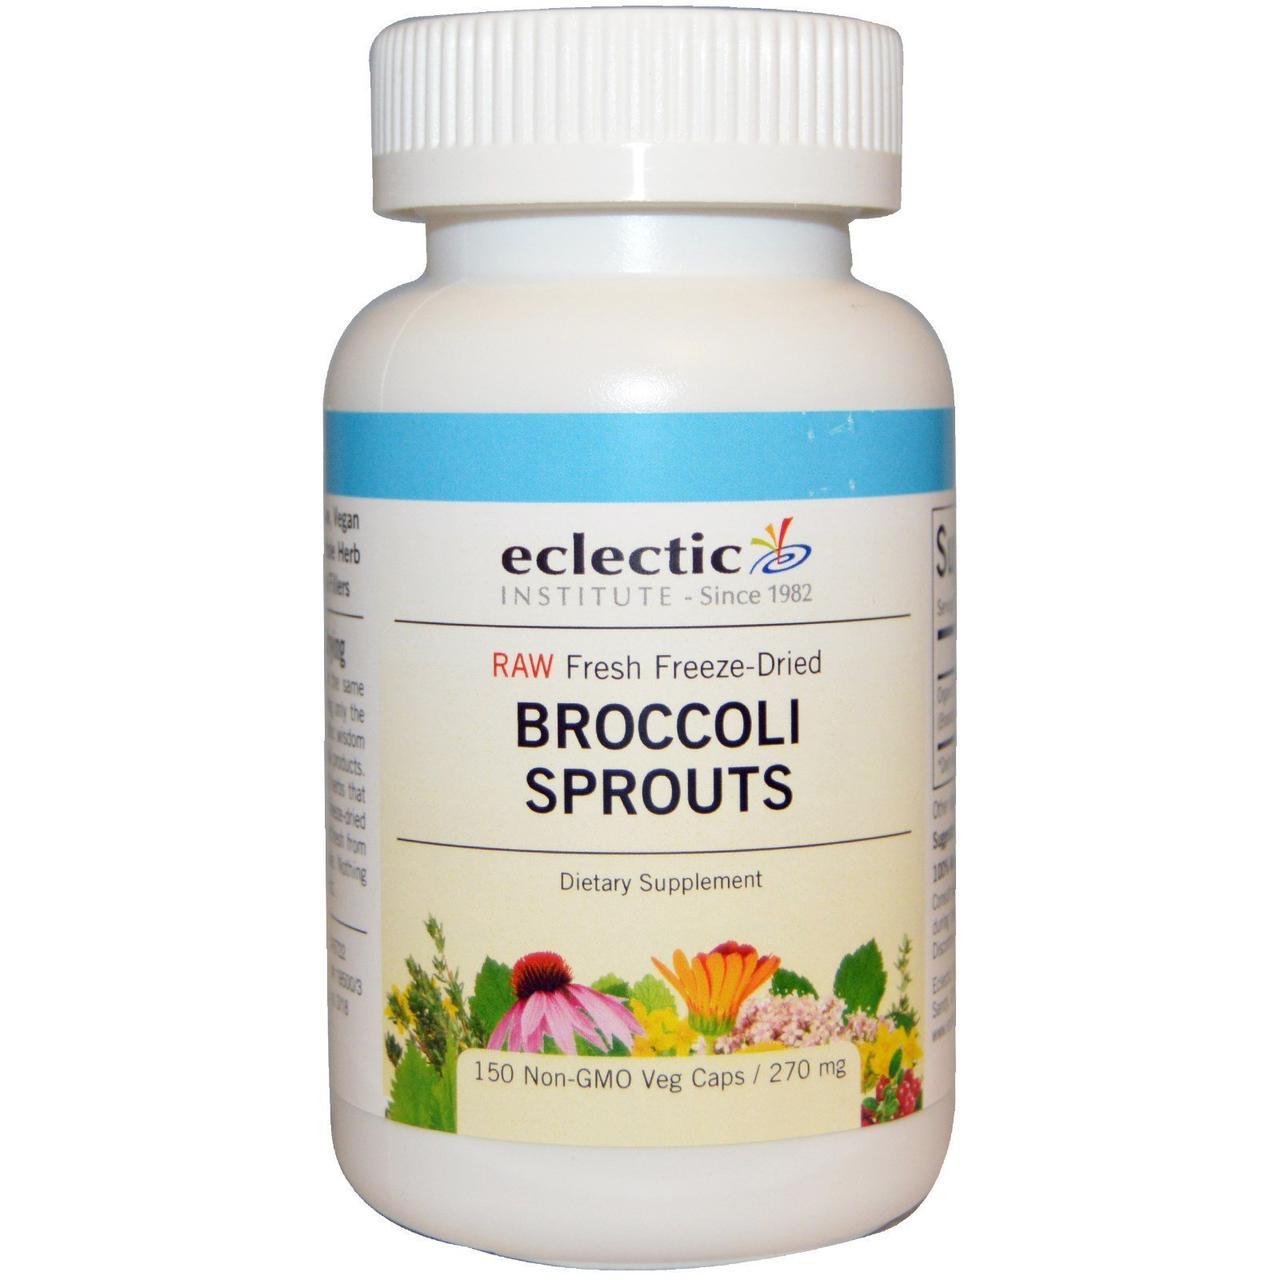 Экстракт брокколи, Eclectic Institute, 270 мг, 150 кап.